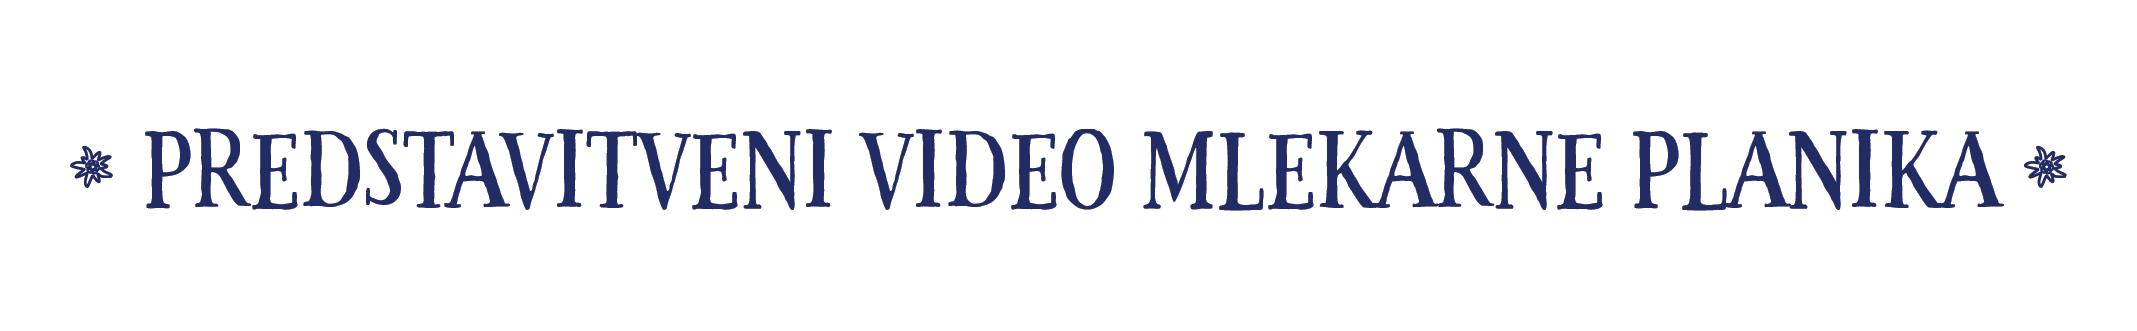 Predstavitveni video mlekarne planika